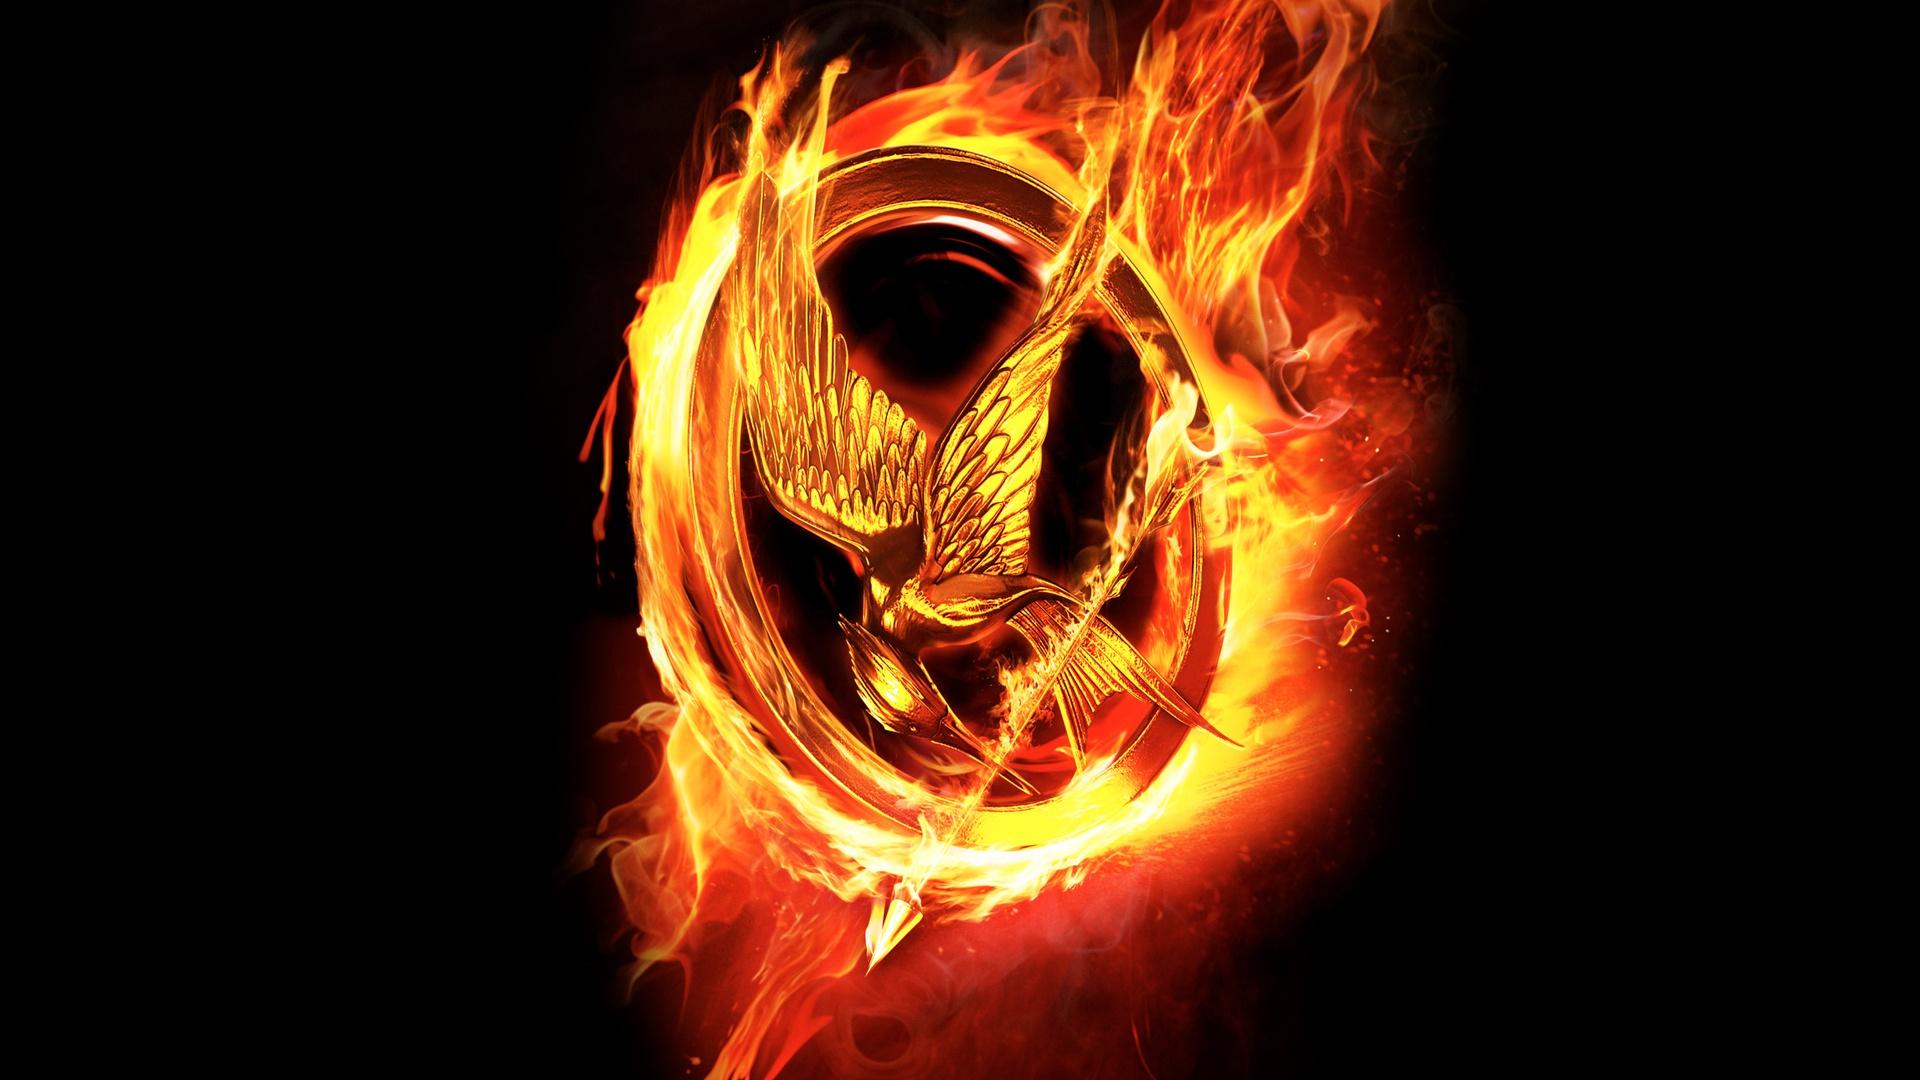 1920x1080 Hunger Games Fire Logo desktop PC and Mac wallpaper 1920x1080